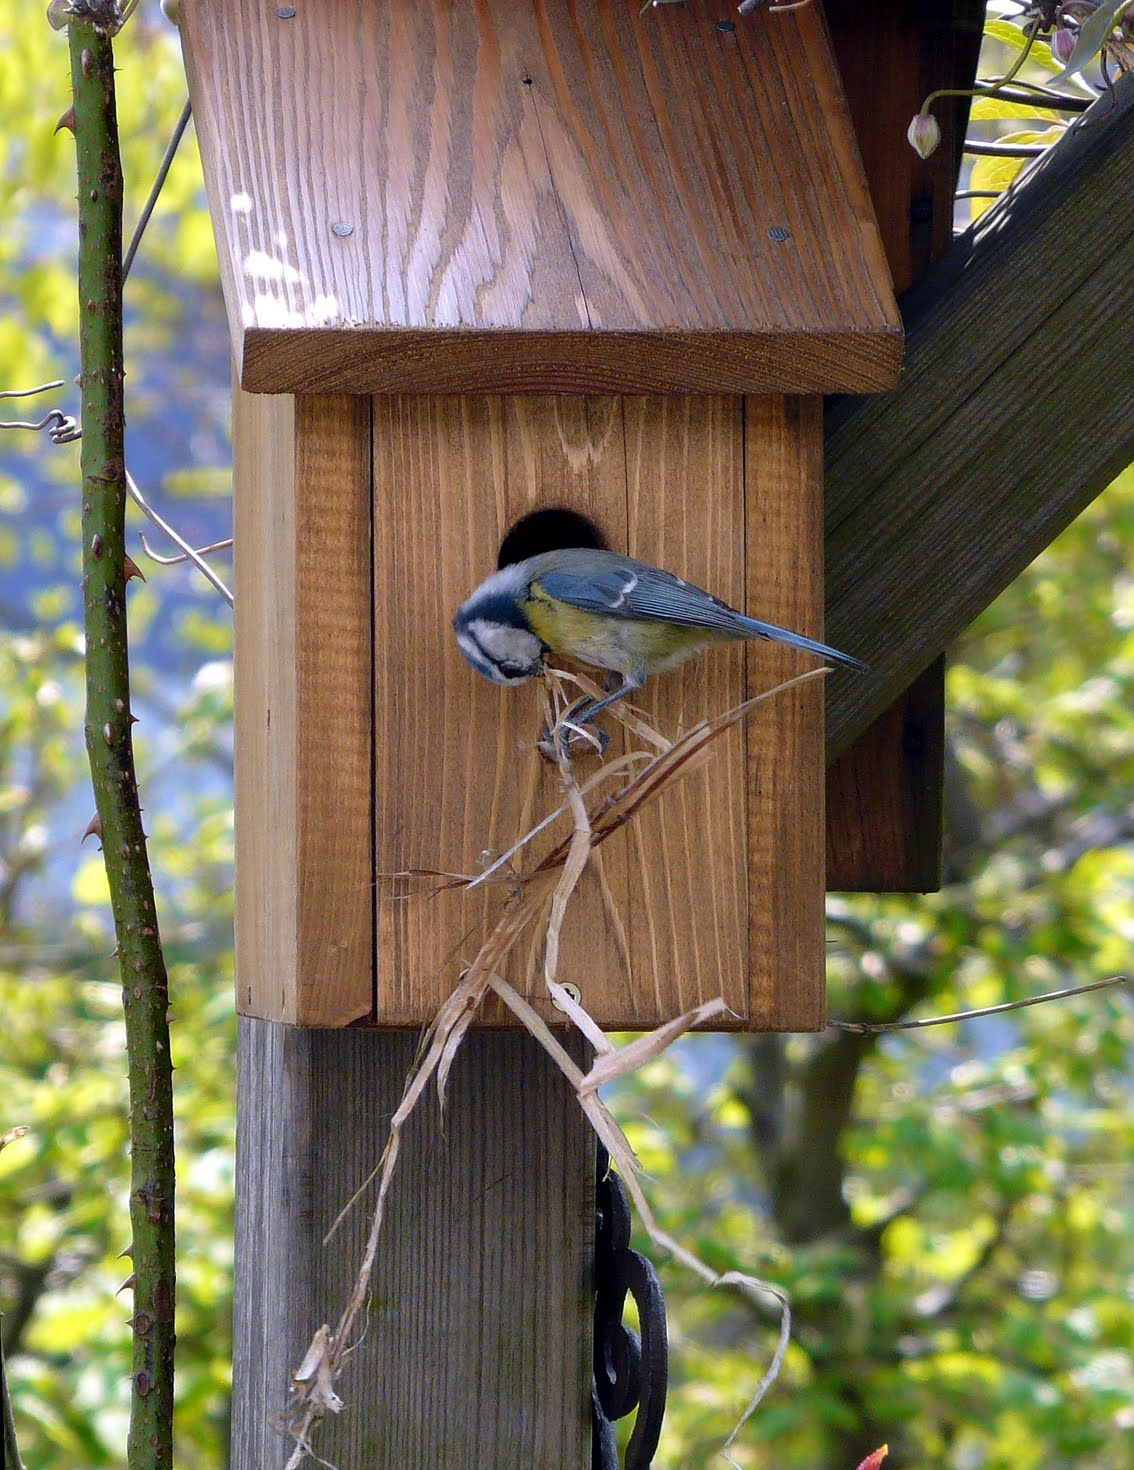 m sange bleue ayant choisi un nichoir pour y faire son nid nichoirs pour petits oiseaux. Black Bedroom Furniture Sets. Home Design Ideas